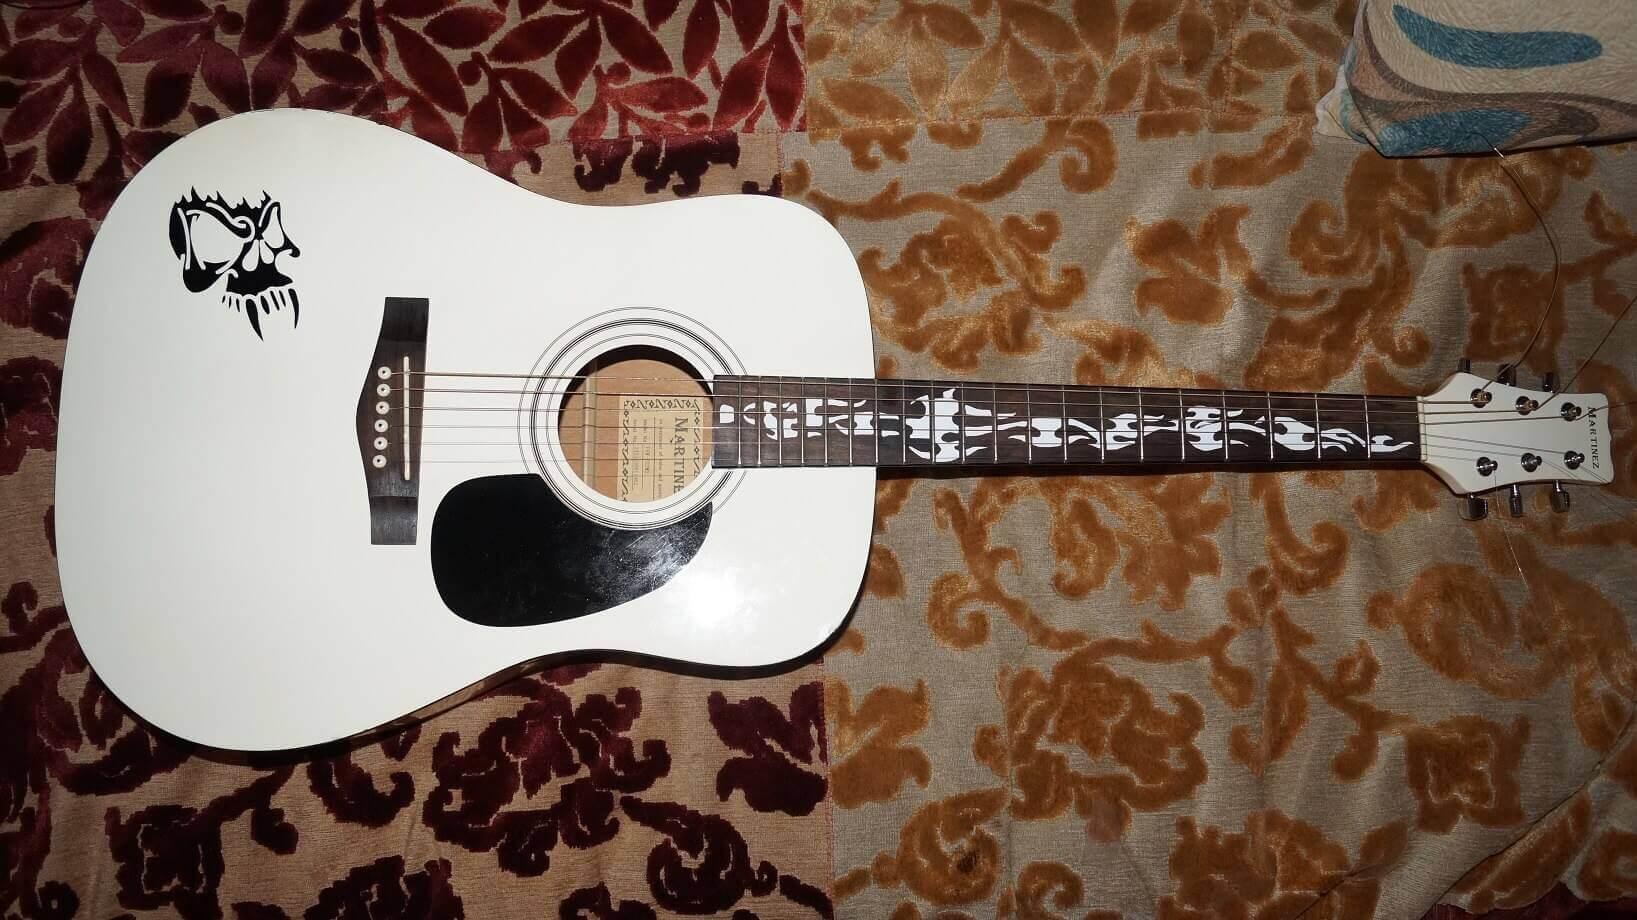 Надпись на грифе гитары своими руками